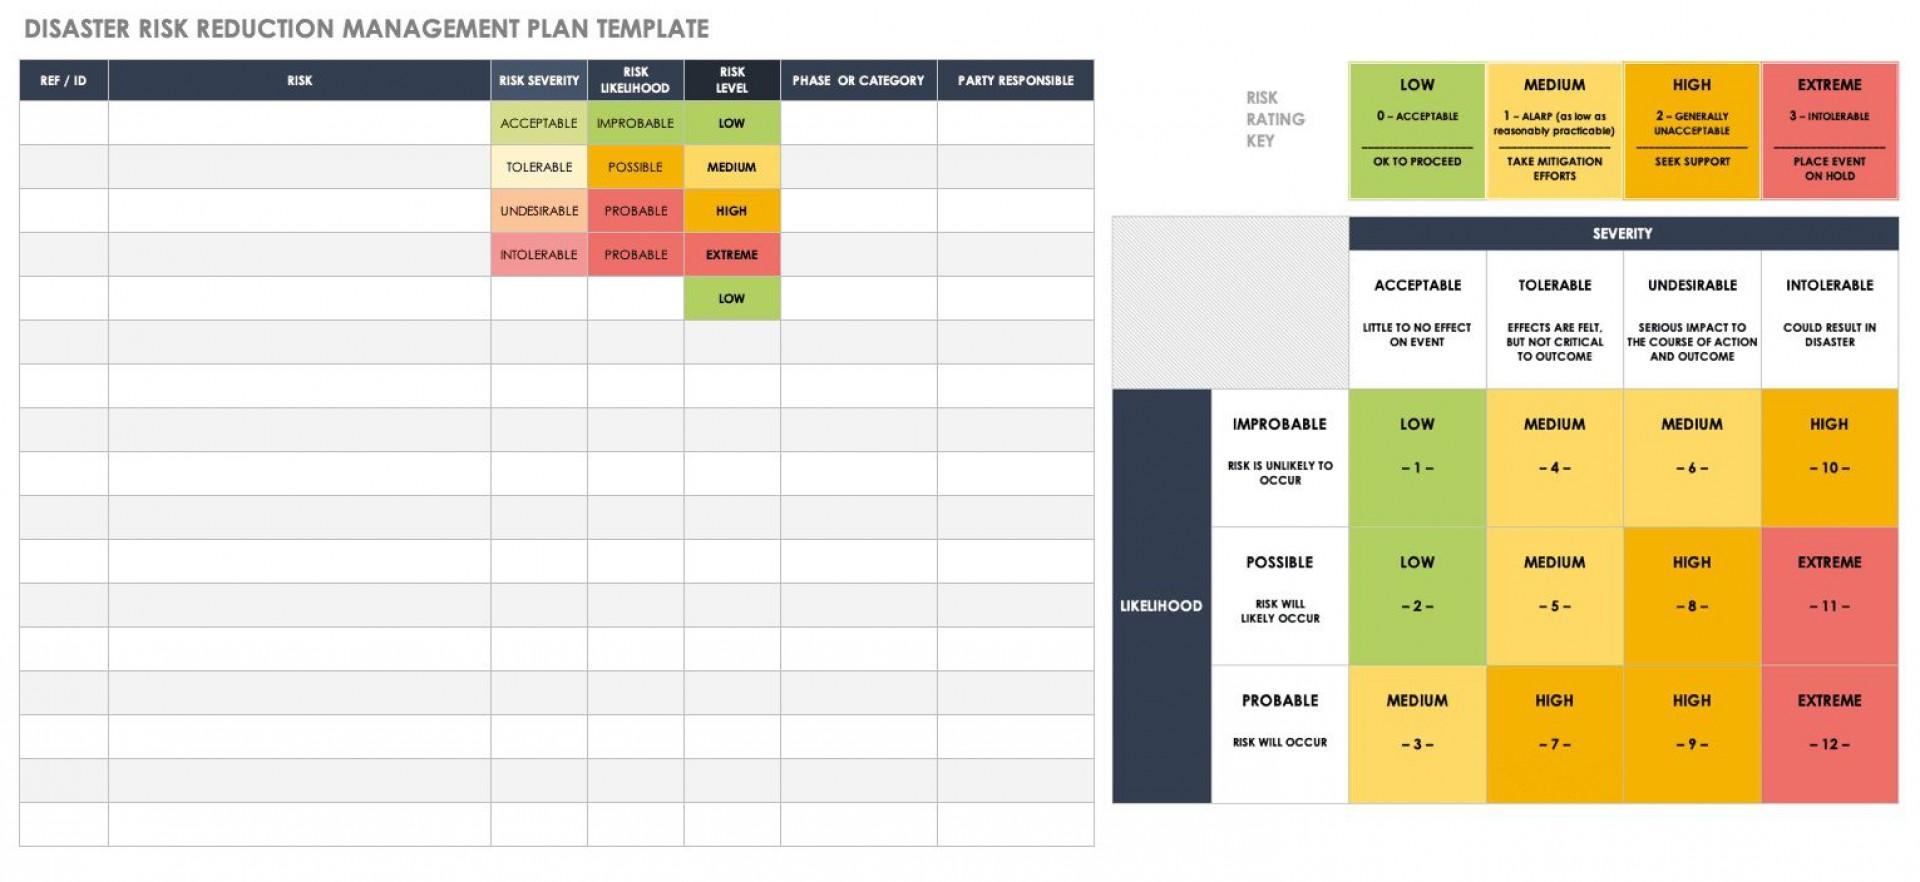 009 Unique Crisi Management Plan Template Sample  Example Uk Australia1920